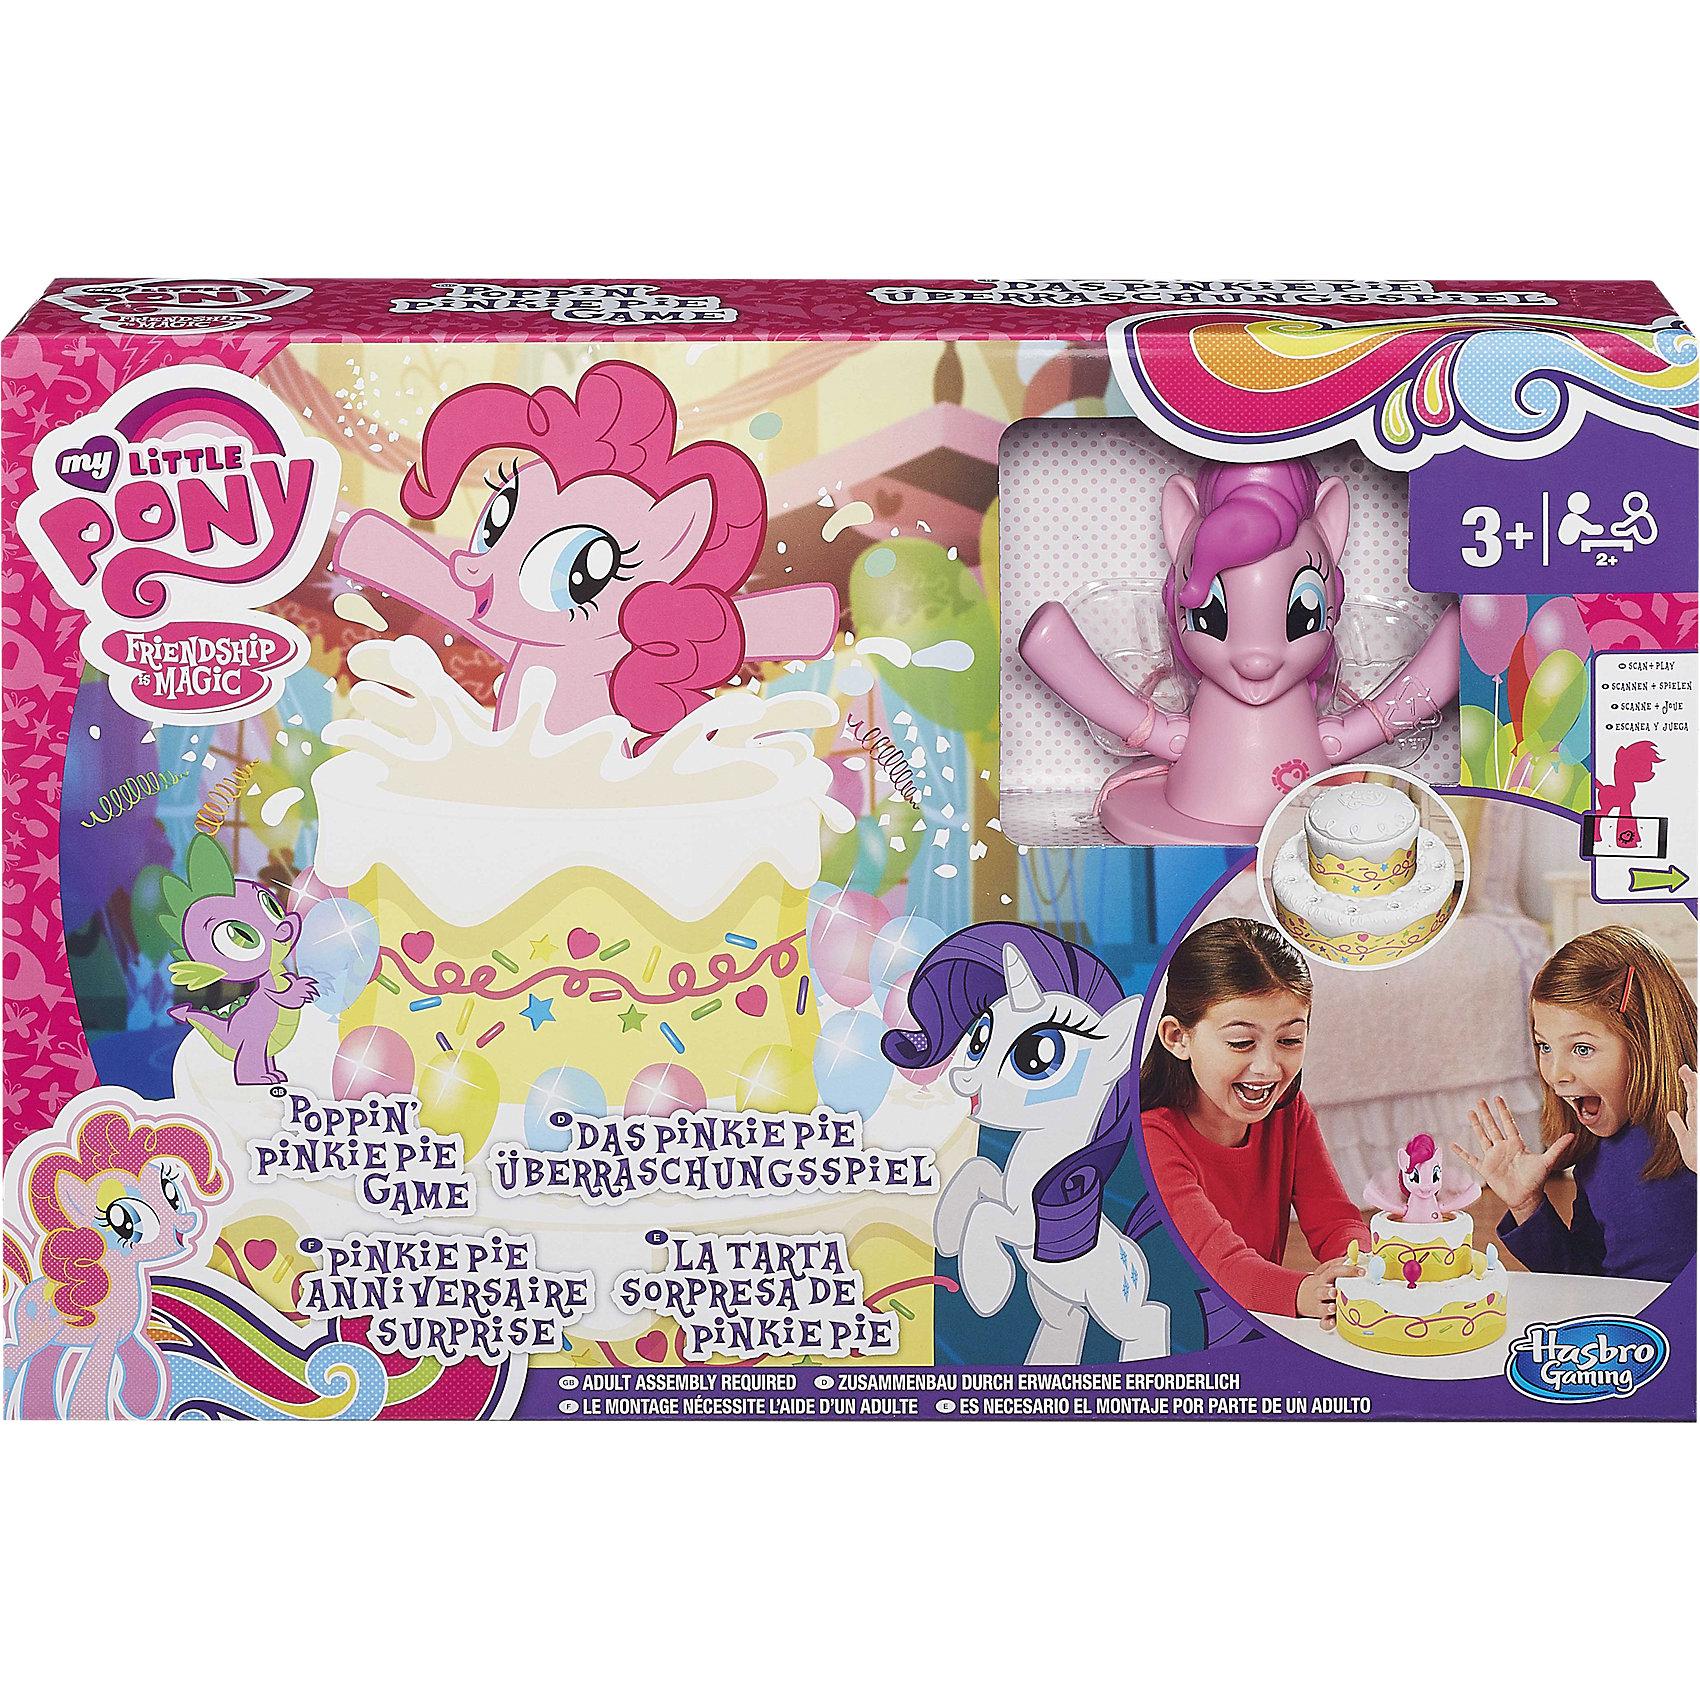 Игра Сюрприз Пинки Пай, My little Pony, HasbroИгры для развлечений<br>Новая увлекательная игра для поклонниц  бренда My Little Pony. Пони выскакивает из торта и играет музыка. Торт можно украшать аксессуарами, которые идут в комплекте.<br><br>Ширина мм: 405<br>Глубина мм: 271<br>Высота мм: 88<br>Вес г: 832<br>Возраст от месяцев: 36<br>Возраст до месяцев: 60<br>Пол: Женский<br>Возраст: Детский<br>SKU: 4156409